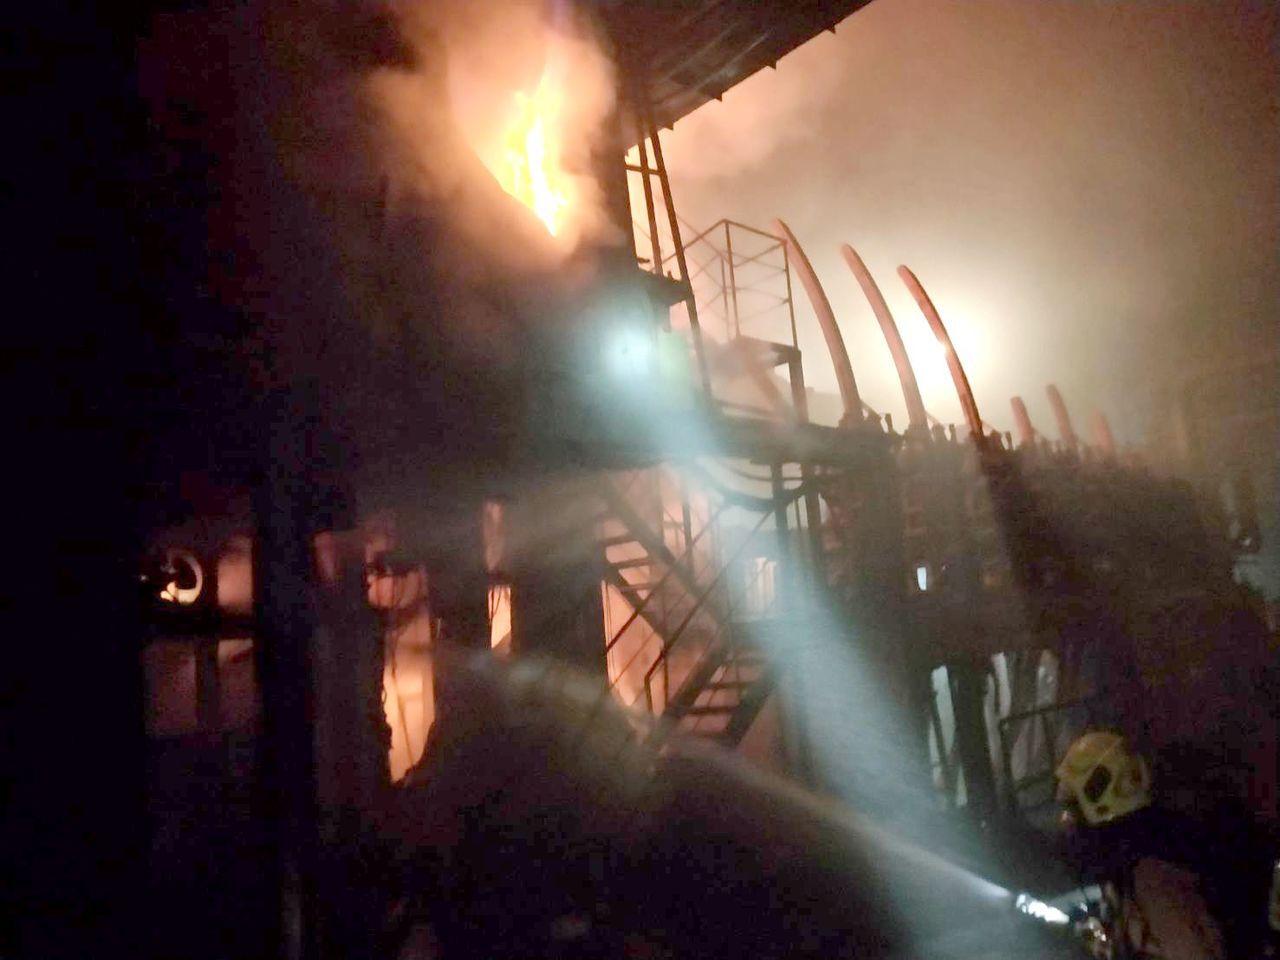 海光公司小港鋼鐵廠今晚發生火警,消防隊員正搶滅火勢。記者林保光/翻攝